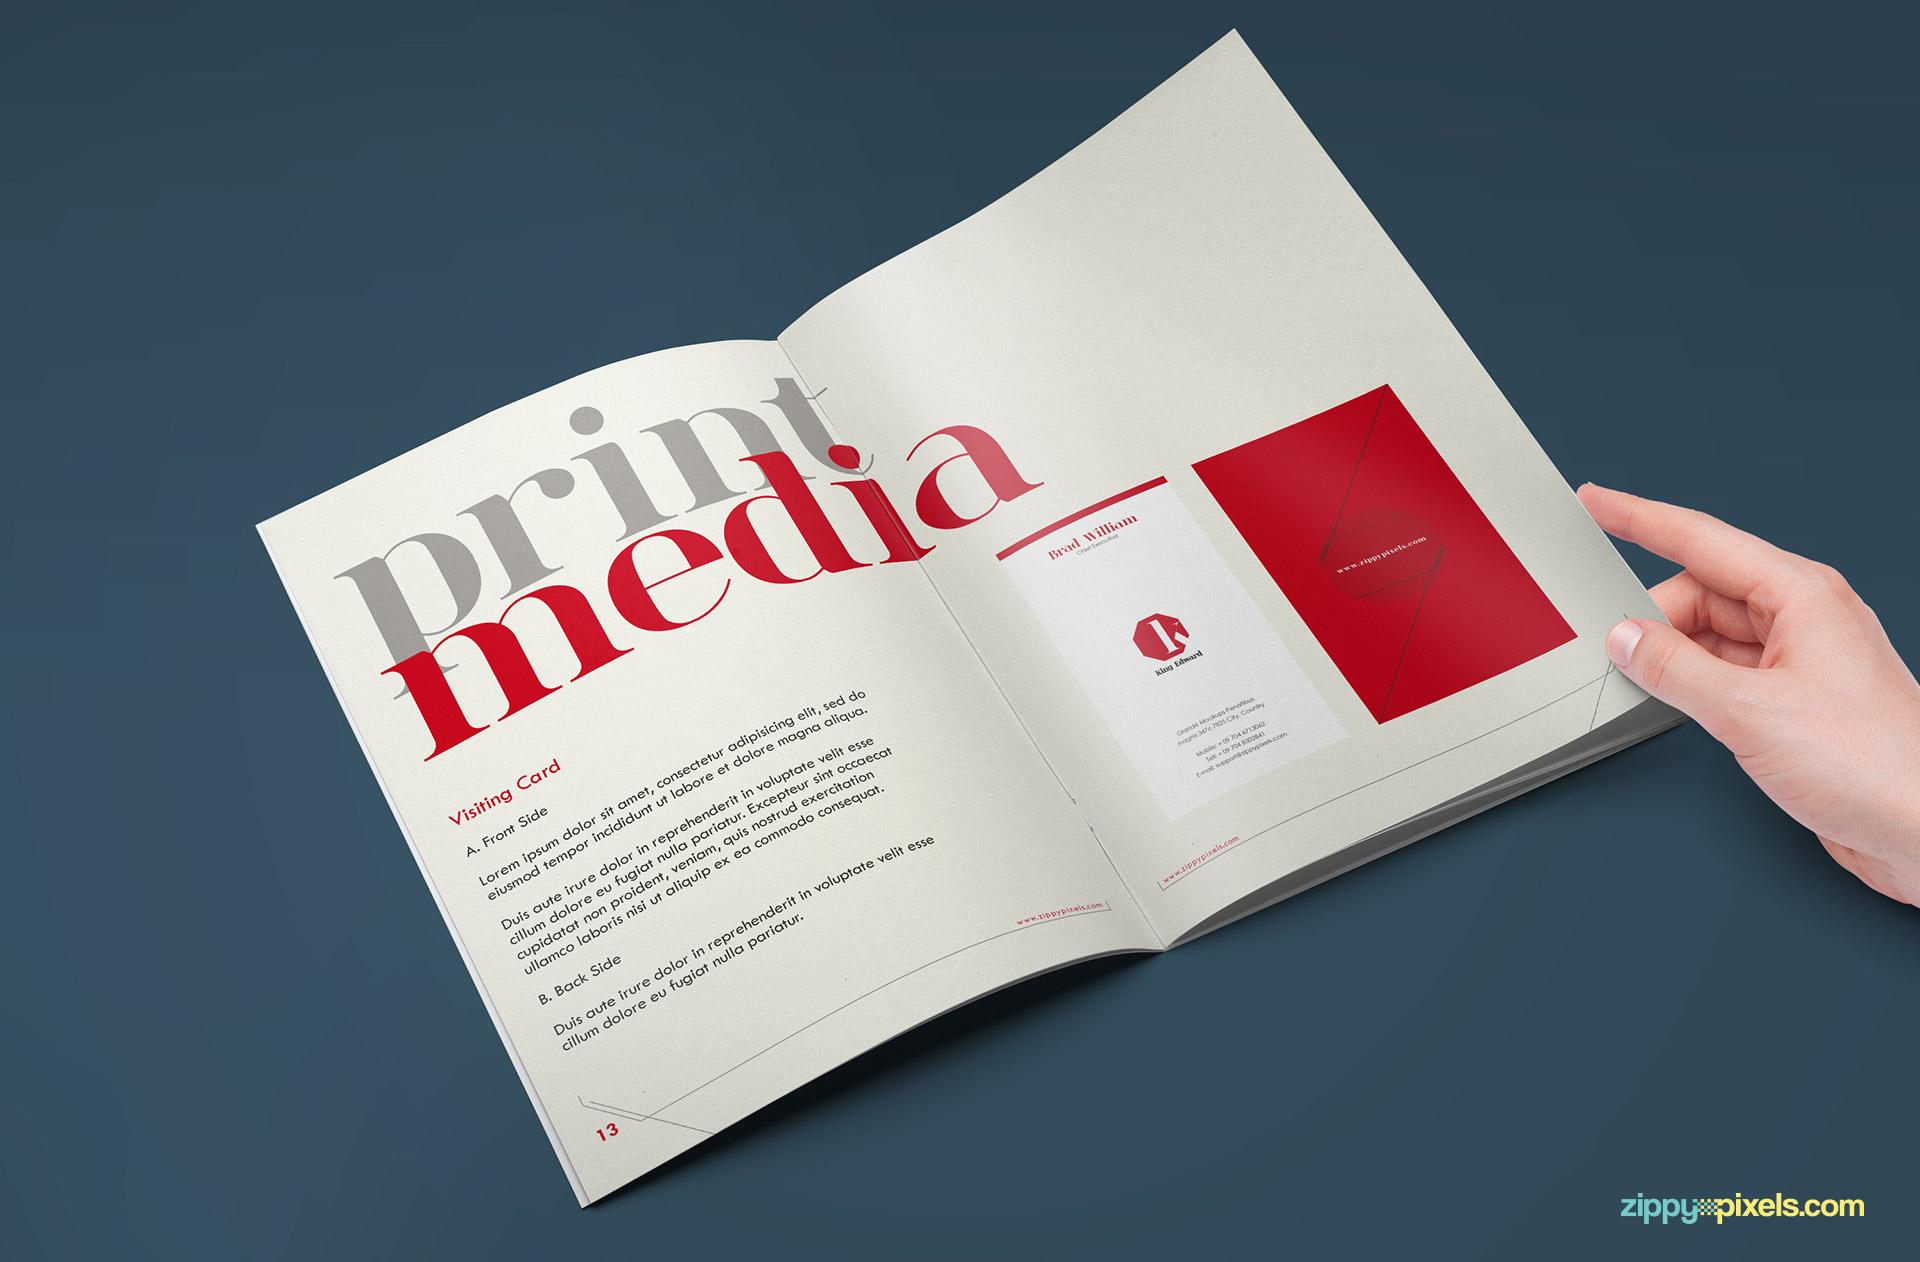 11-brand-book-10-letterhead-envelope